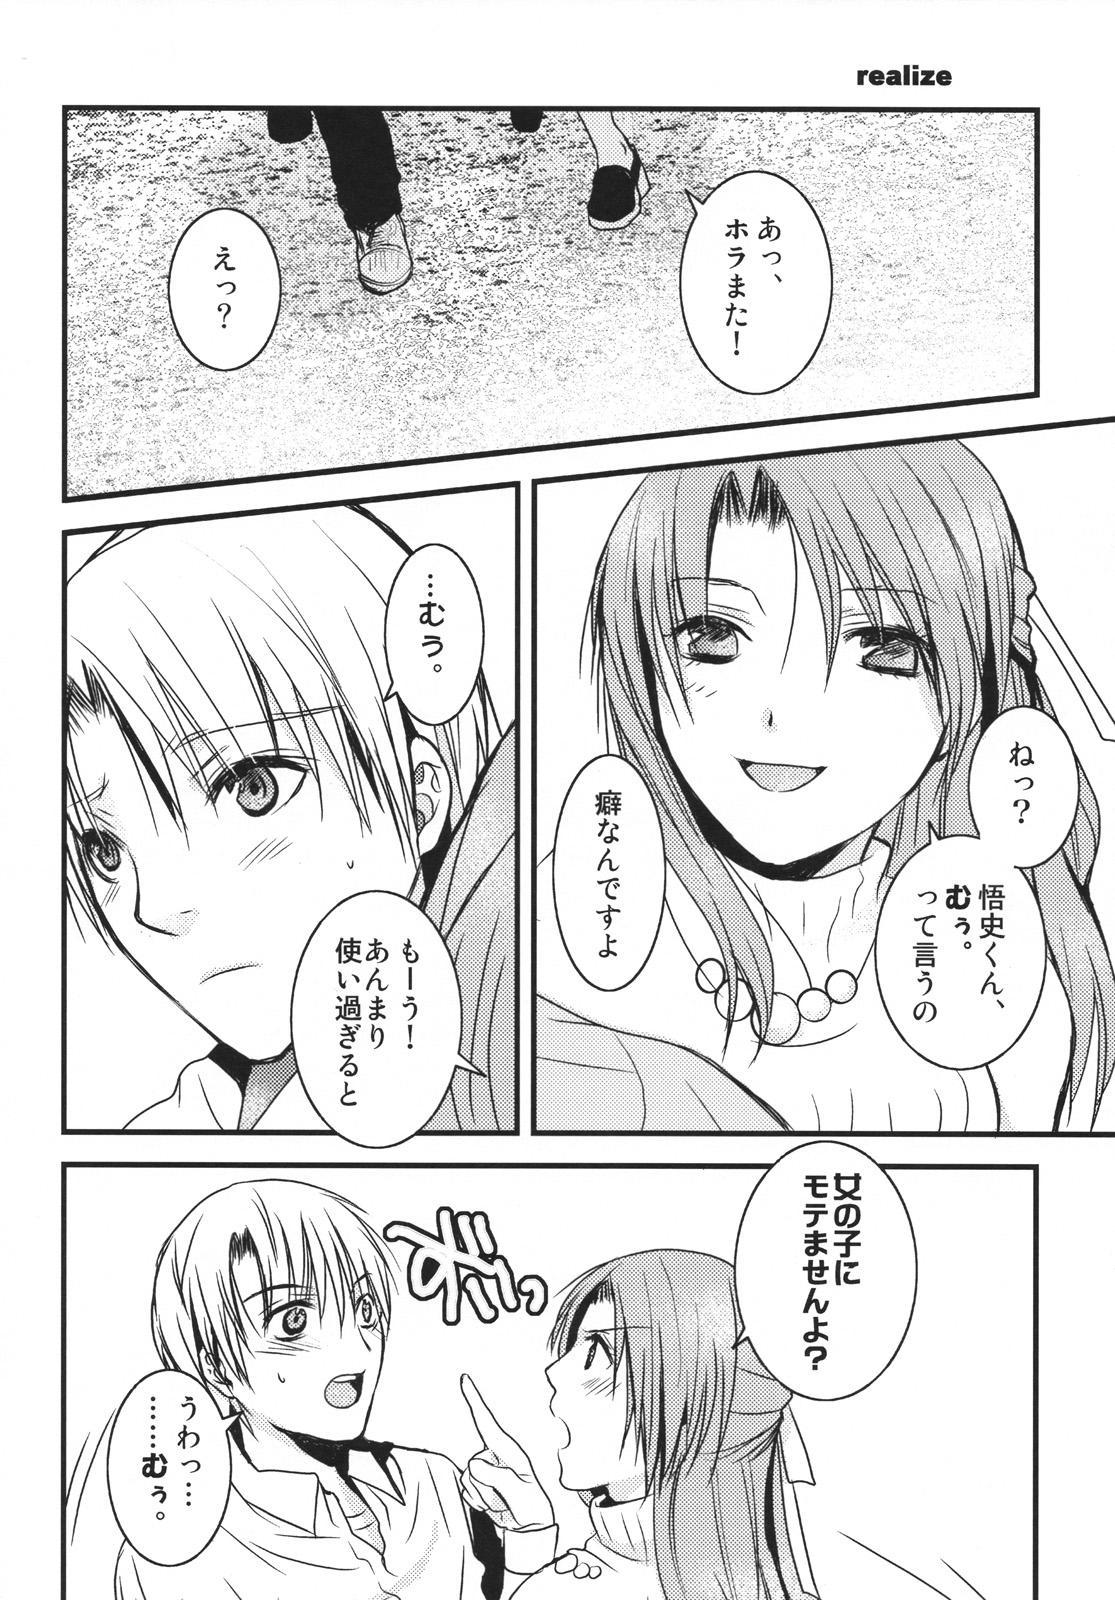 Umineko sono higurashi 14